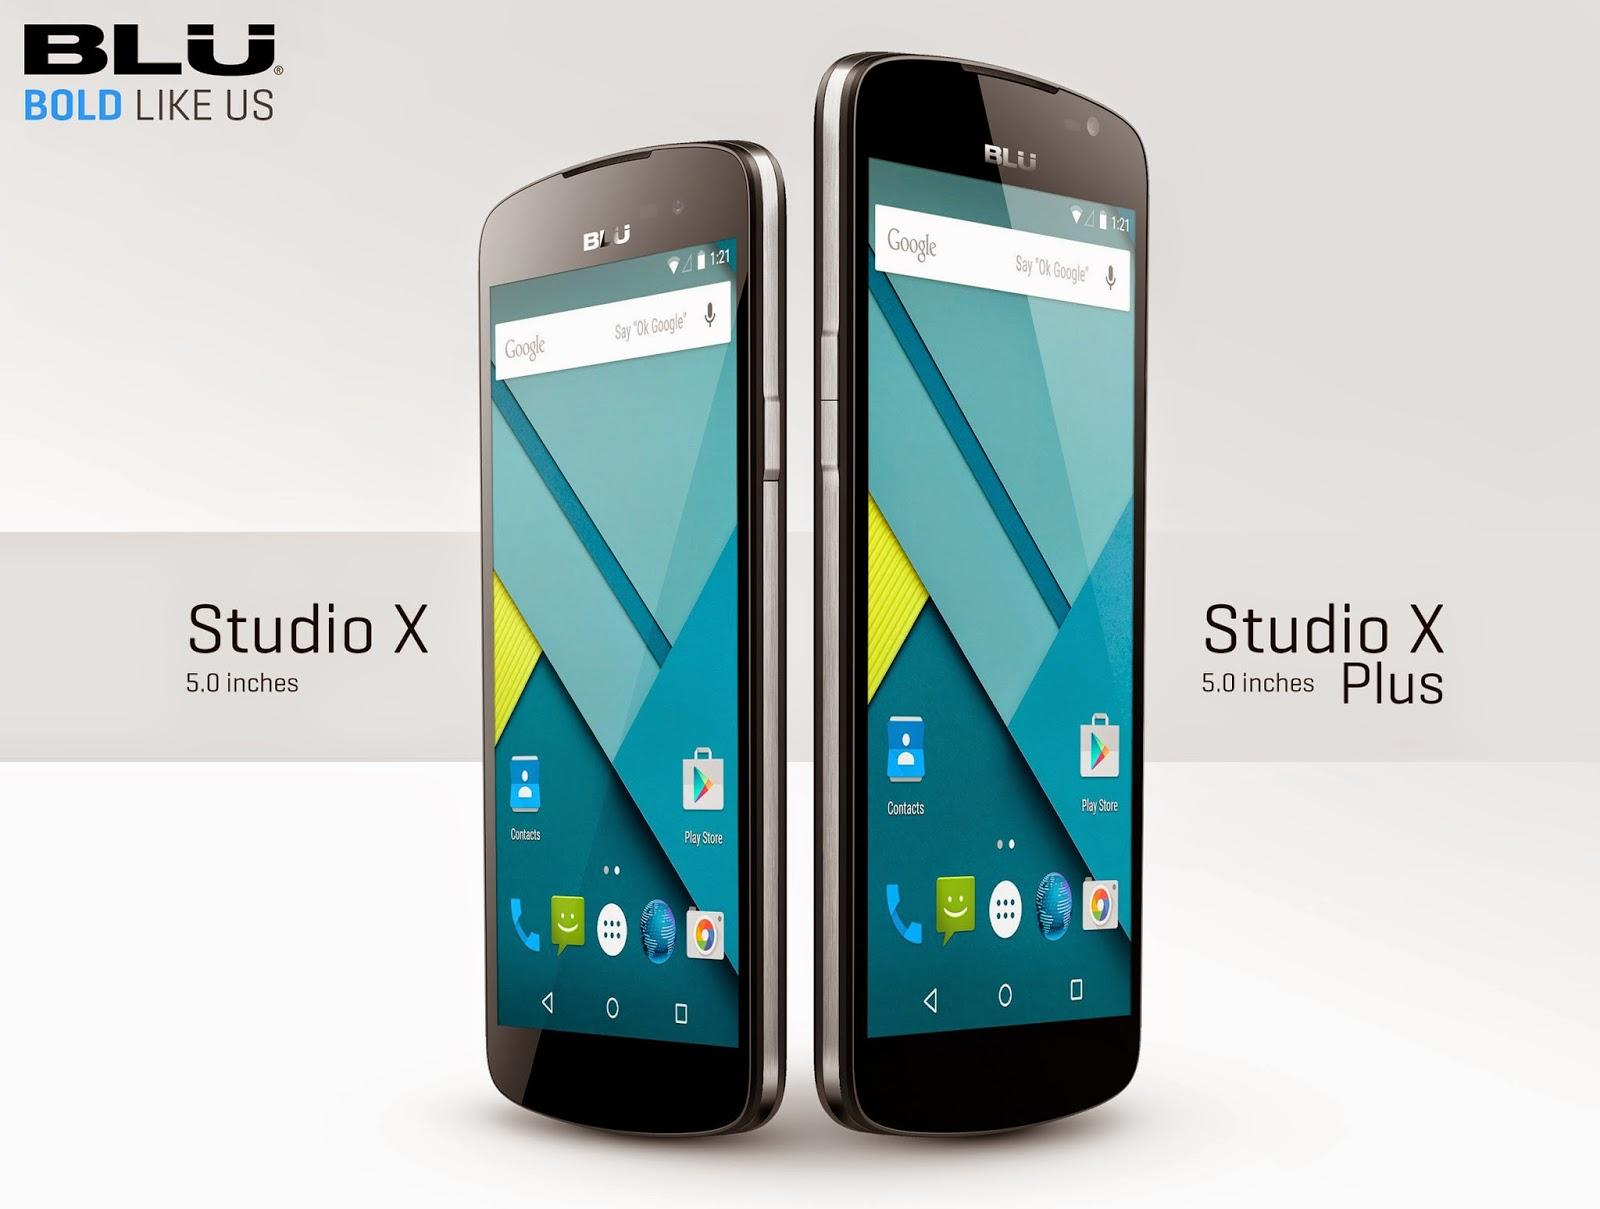 blu studio x blu studio x plus